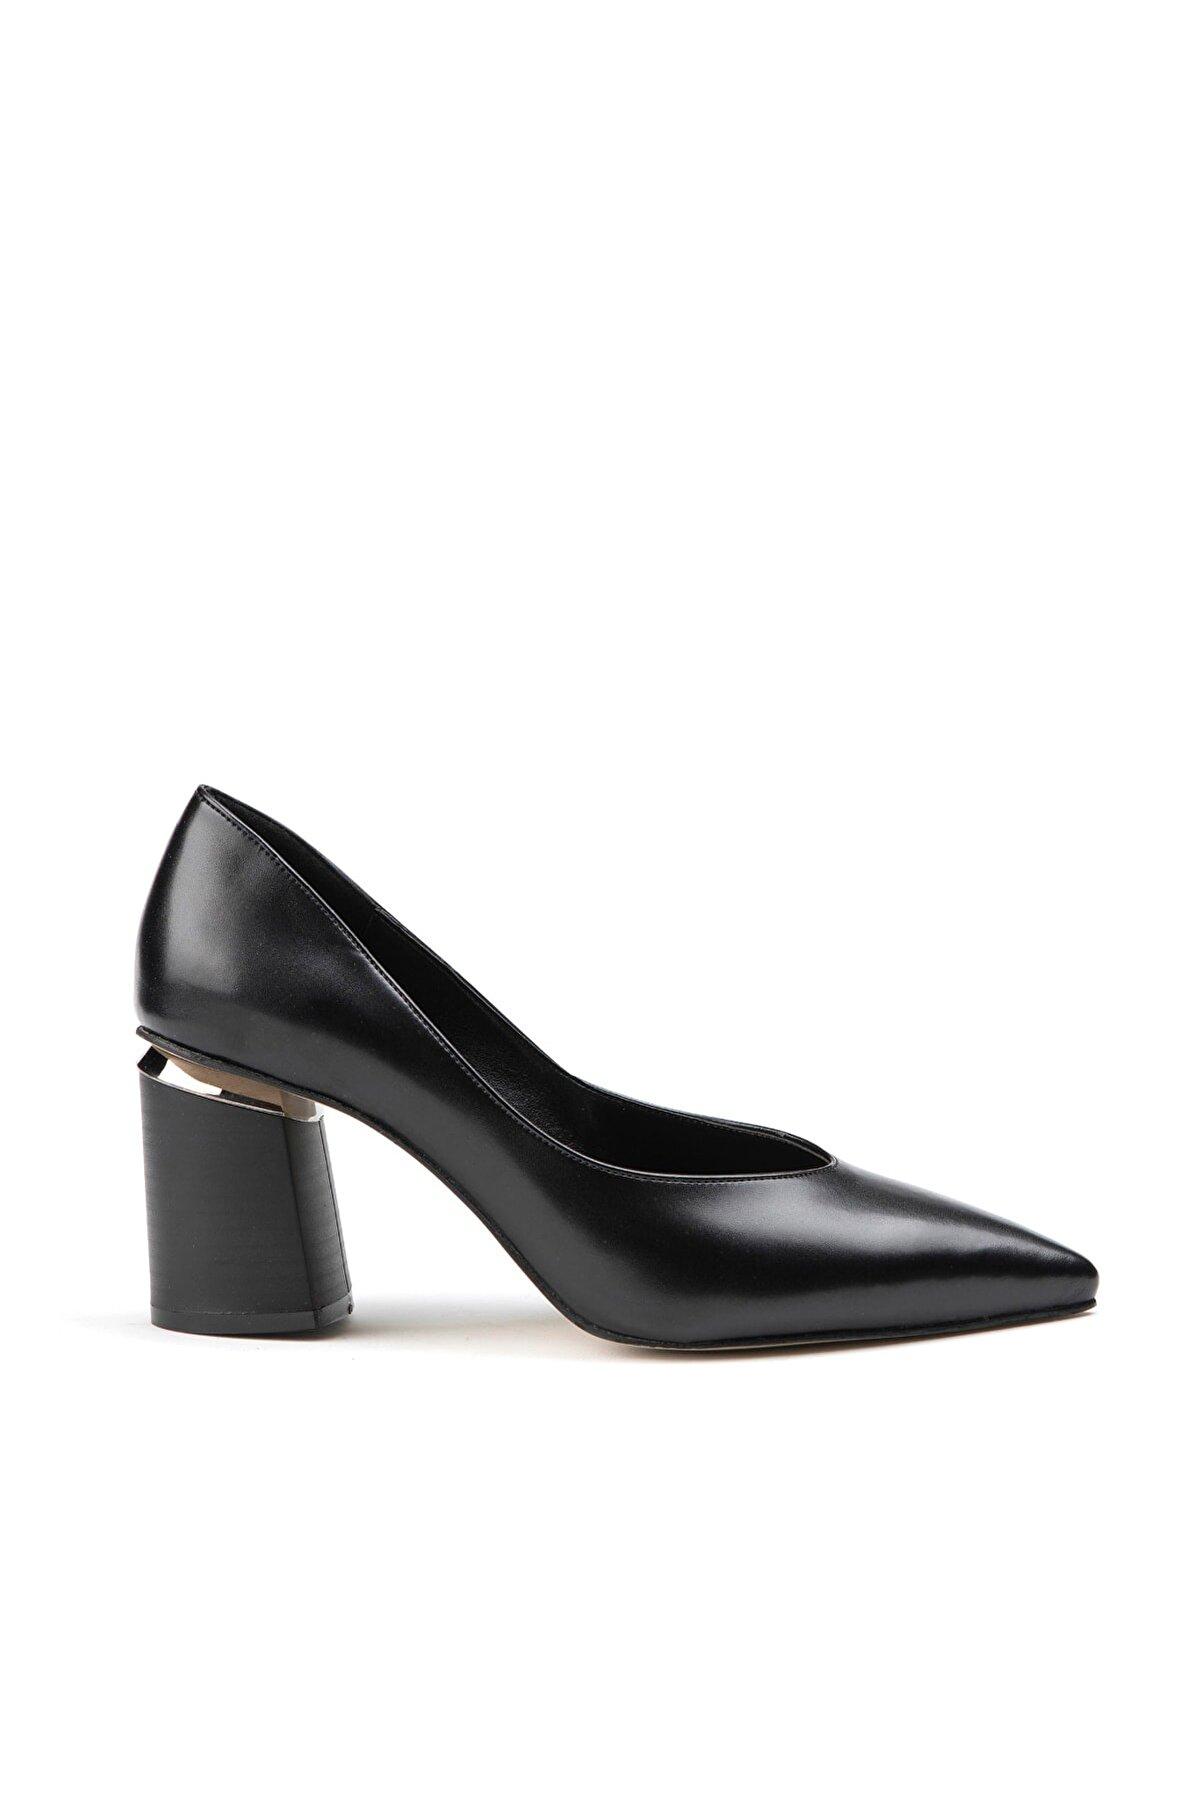 Jeep Ayakkabı Siyah Kadın Klasik Topuklu Ayakkabı 9K2KAJ0172